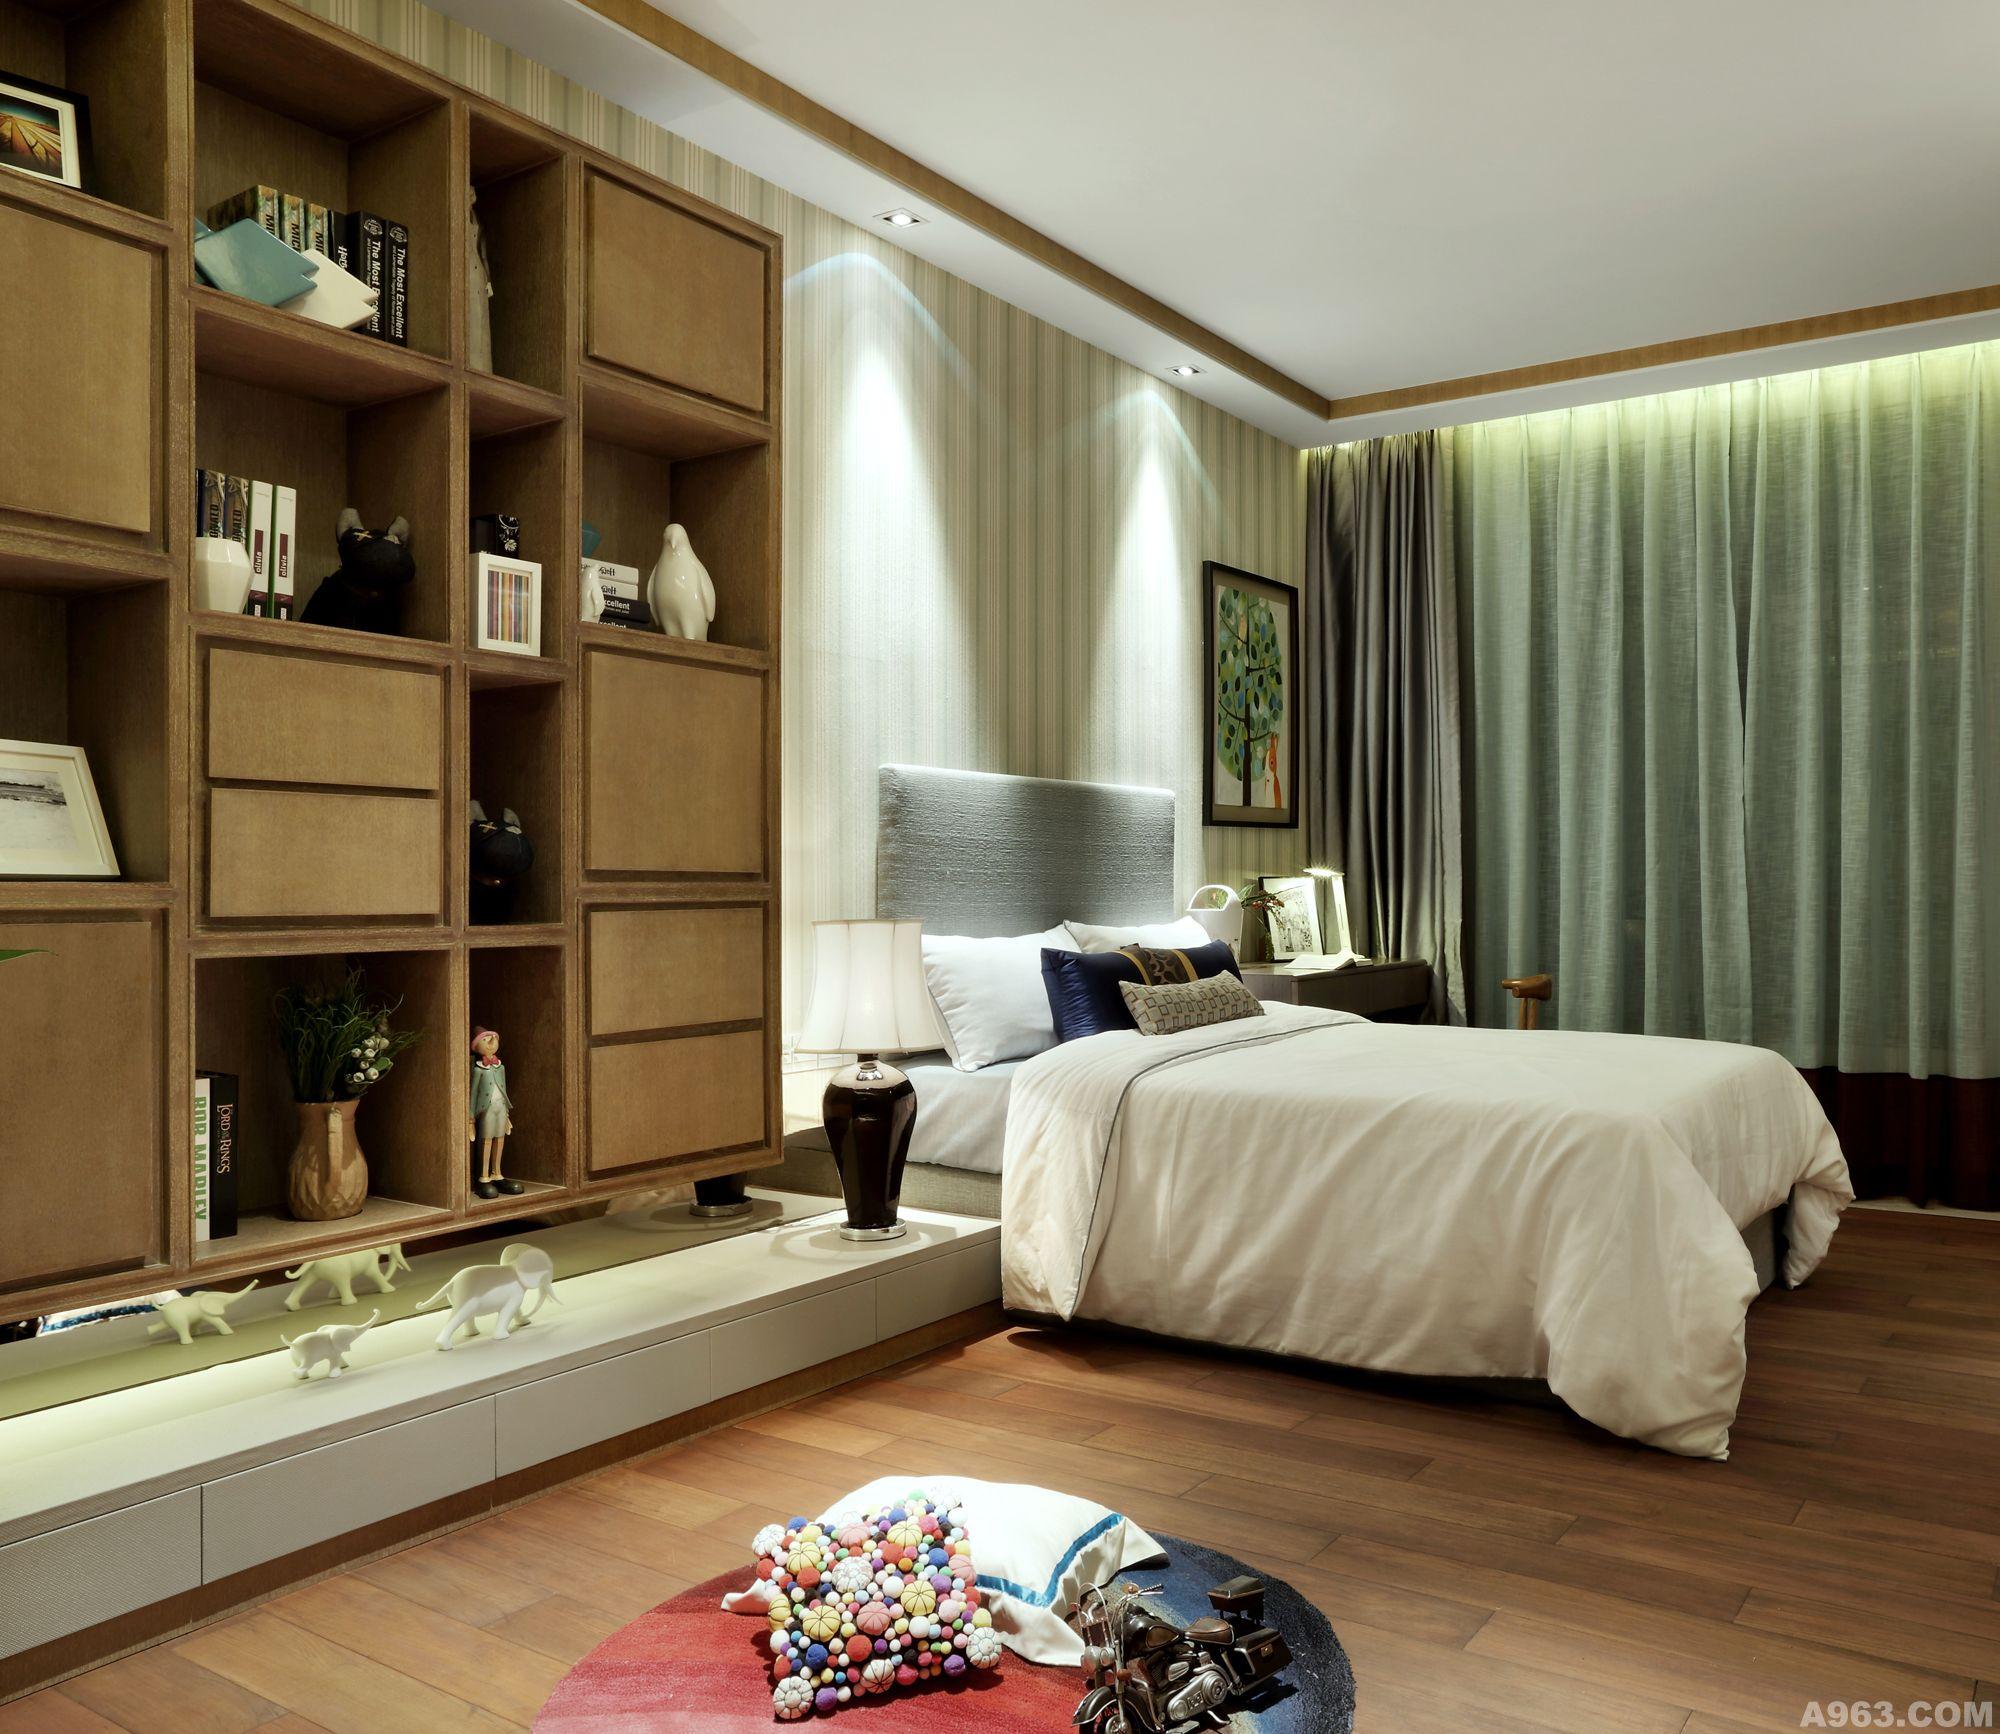 背景墙 房间 家居 起居室 设计 卧室 卧室装修 现代 装修 2000_1734